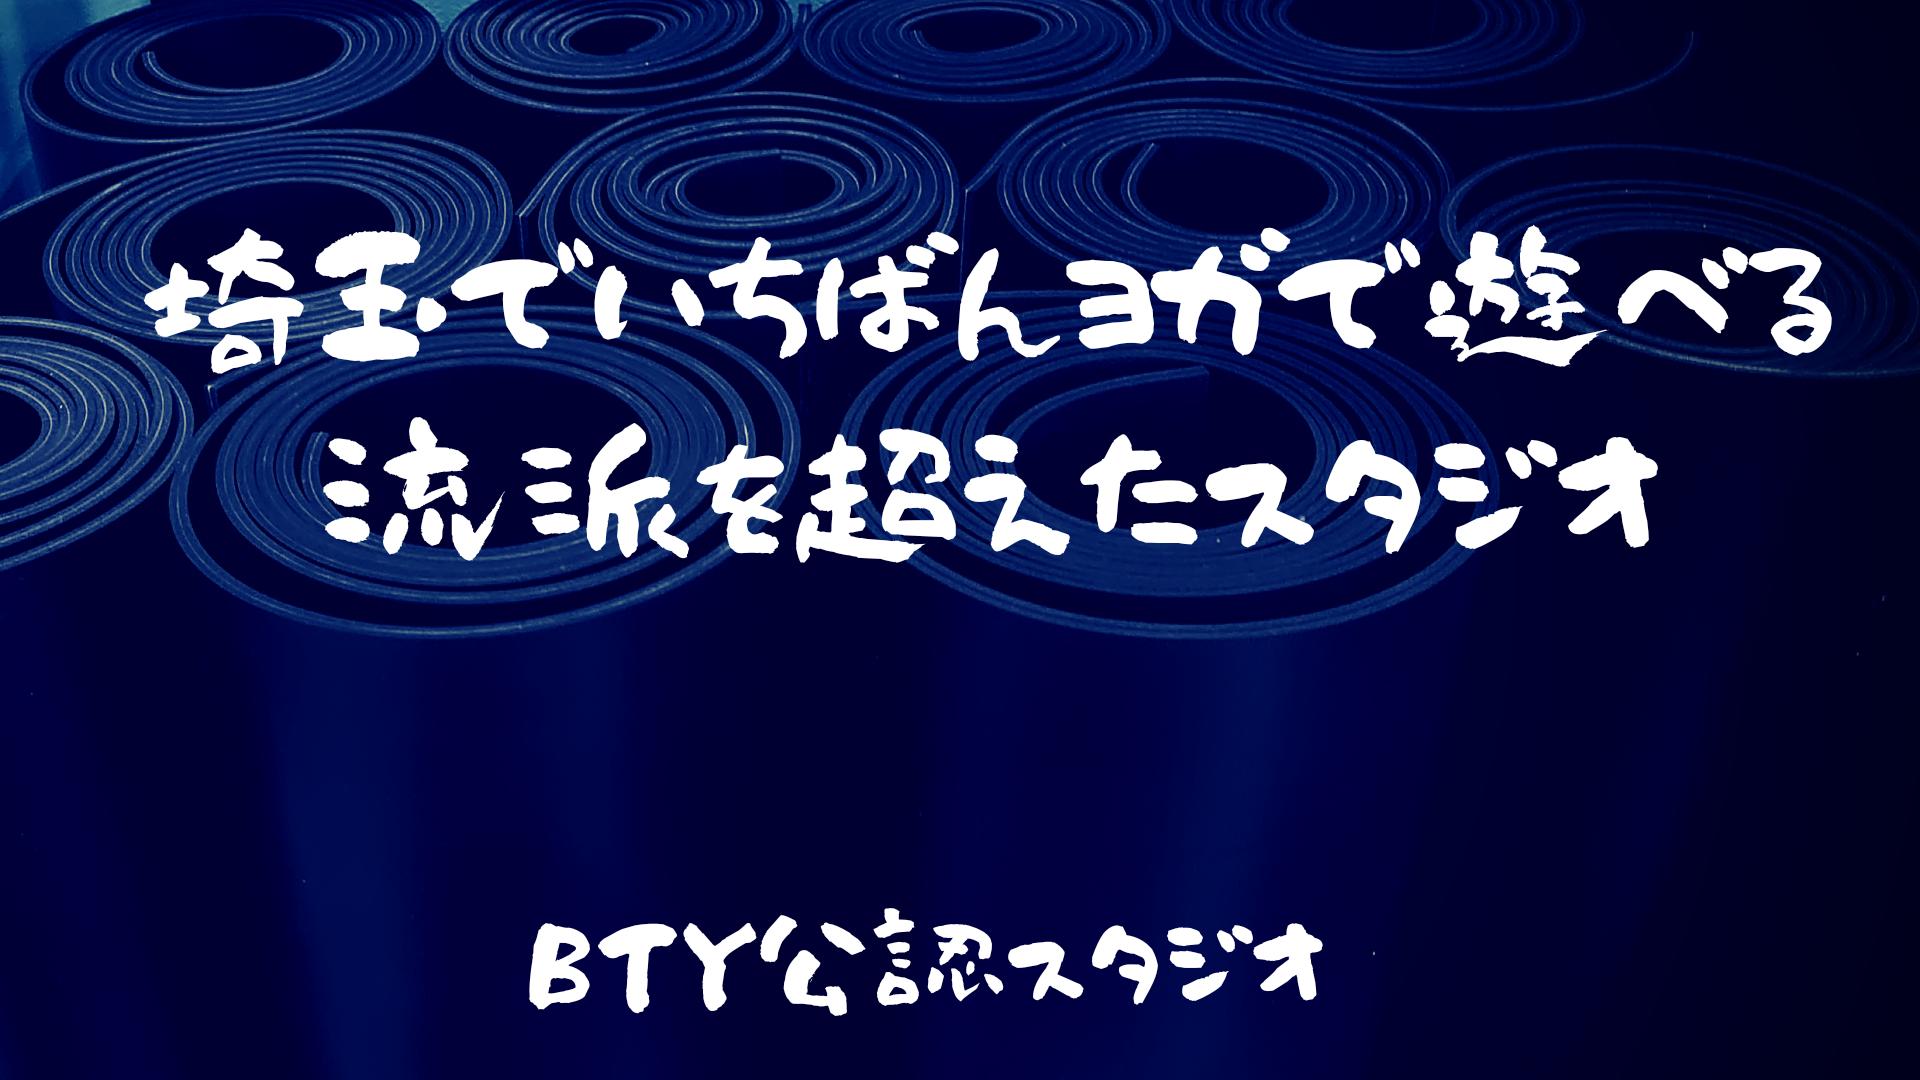 埼玉初 BTYが楽しめるヨガスタジオ